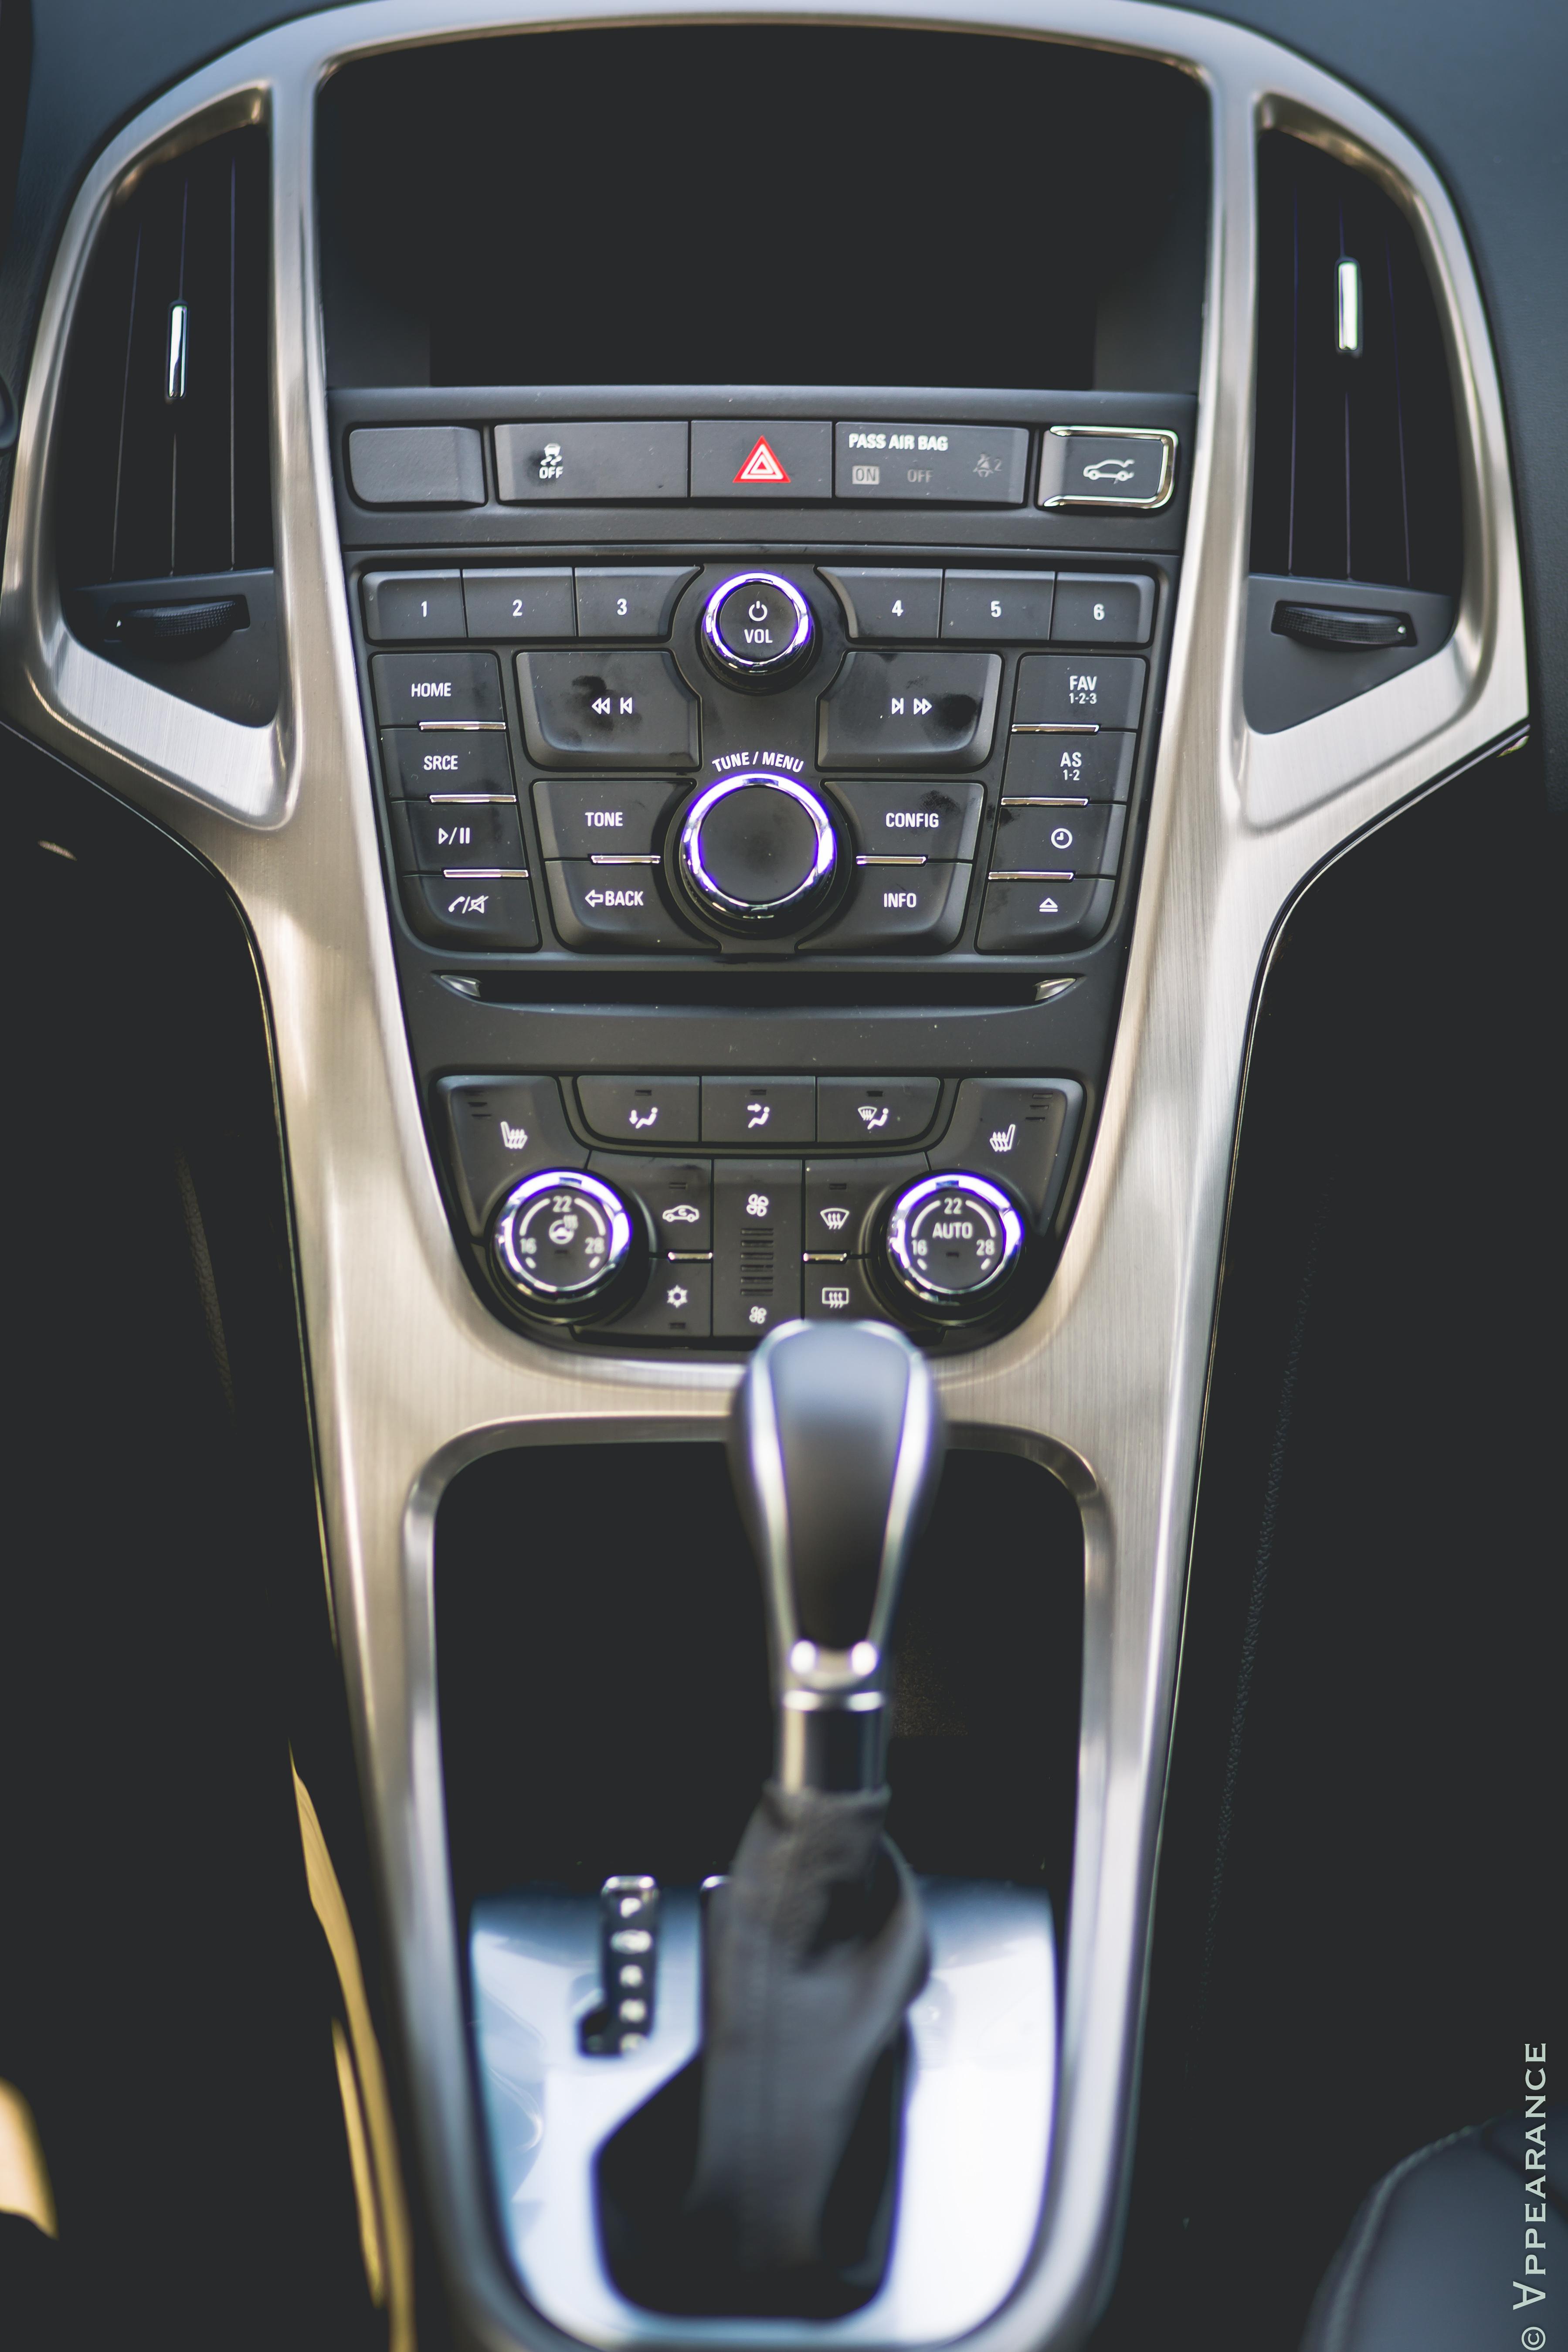 2016 Buick Verano Dashboard